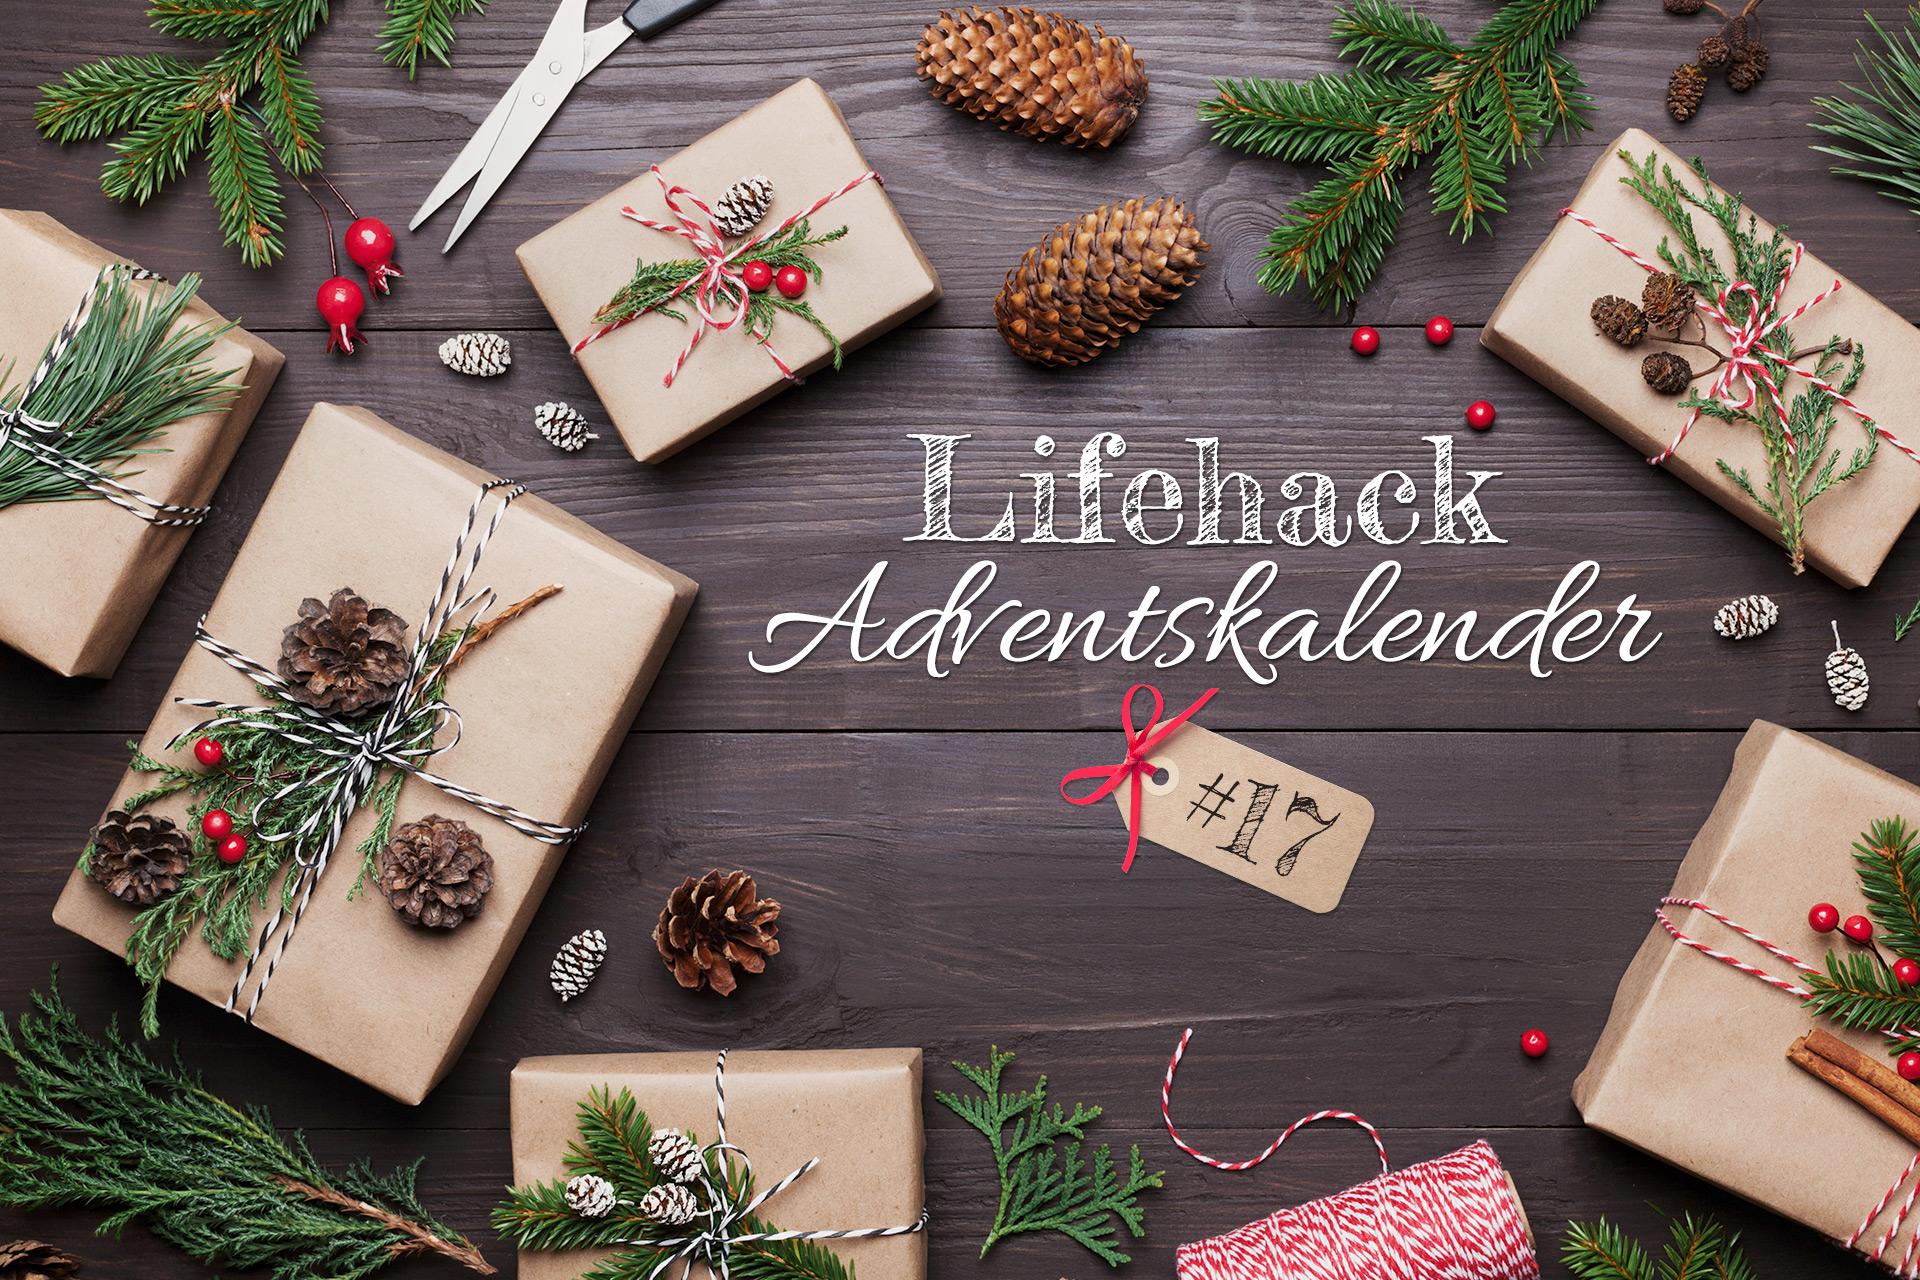 lifehack 17 weihnachtsbaum schm cken mit diesen tipps wird er zur augenweide. Black Bedroom Furniture Sets. Home Design Ideas